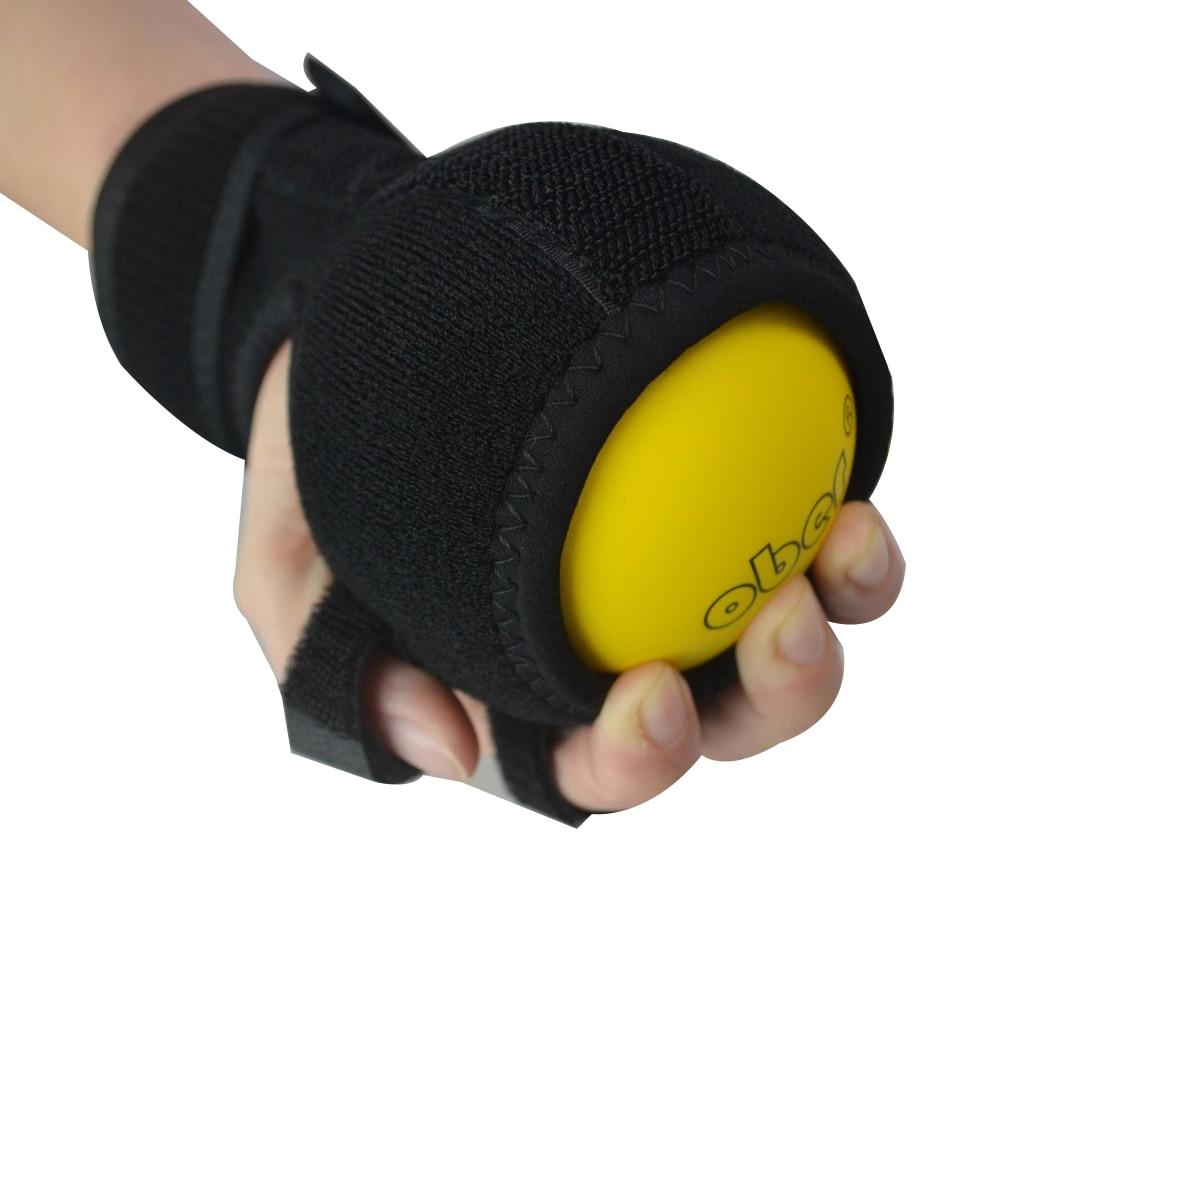 Orthèse de doigt de soins de santé main balle poignet correcteur de doigt orthèse Anti-spasticité course pour la réhabilitation de la main du corps